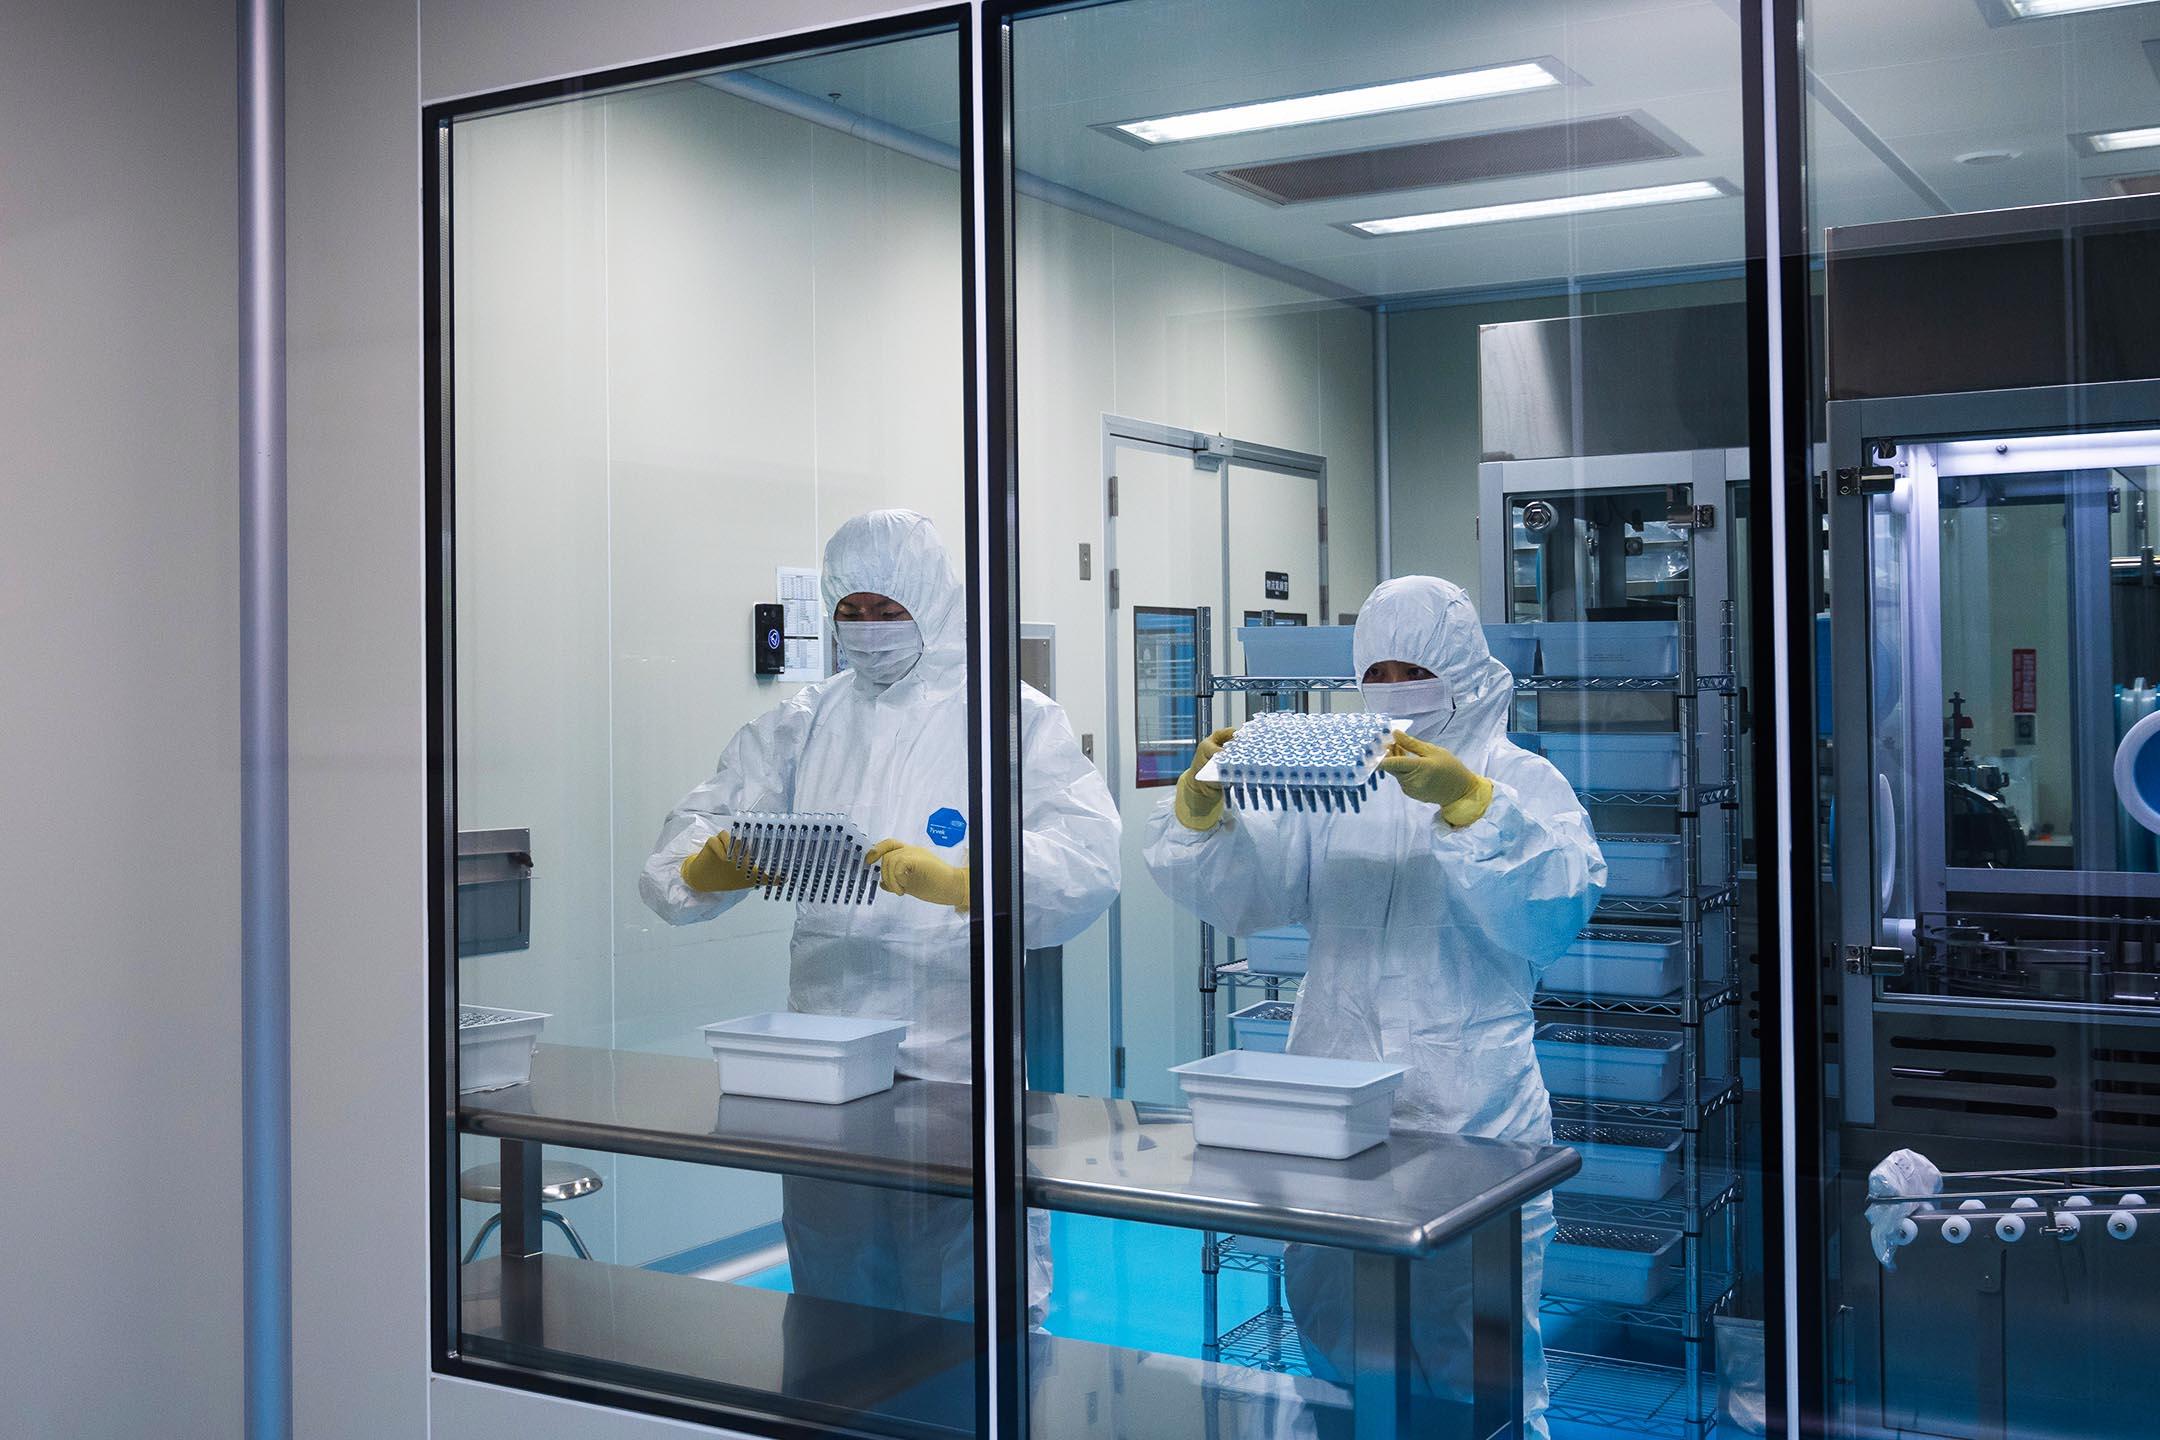 2021年8月31日台灣新竹,Medigen Vaccine Biologics Corp. (MVC) 疫苗生產線上的員工。